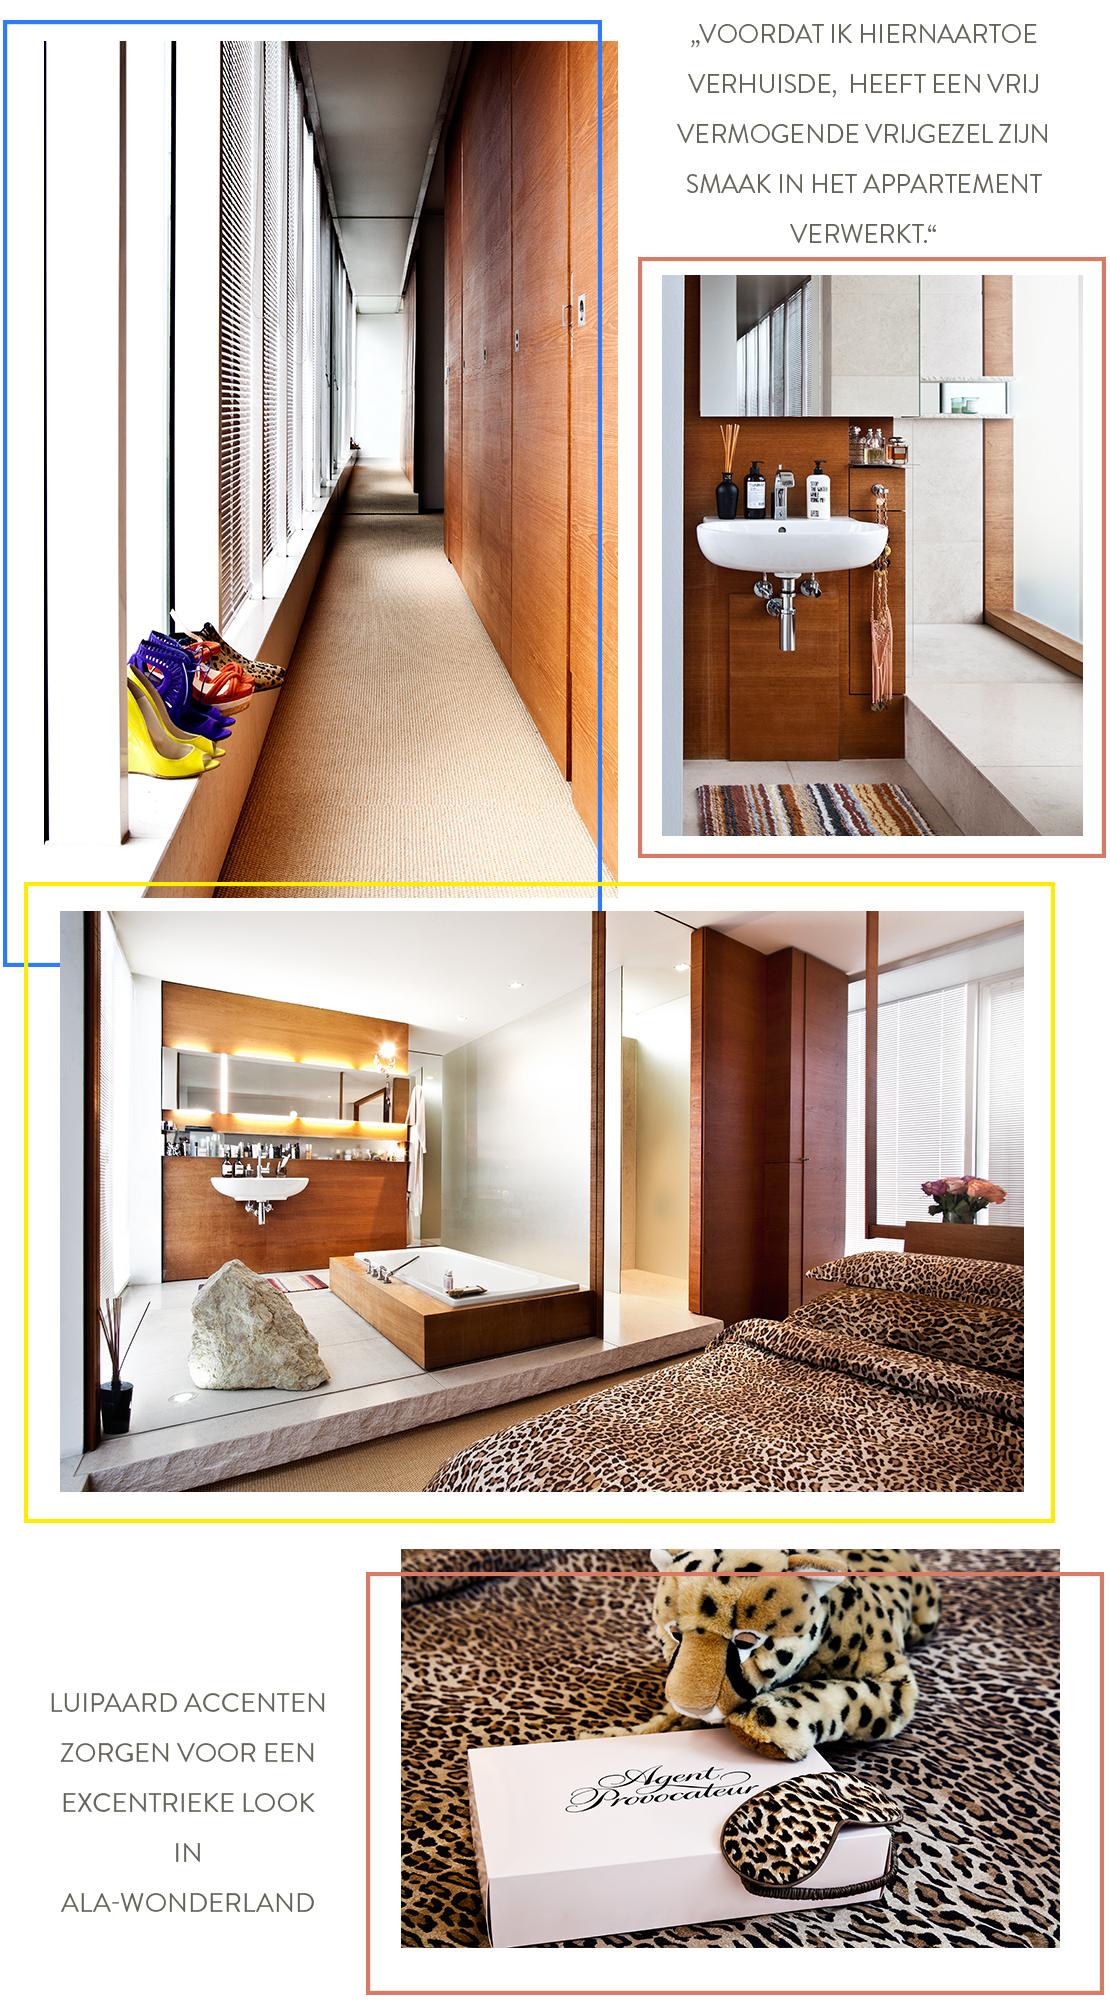 luxe-appartementt-ala-zander-badkamer-slaapkamer